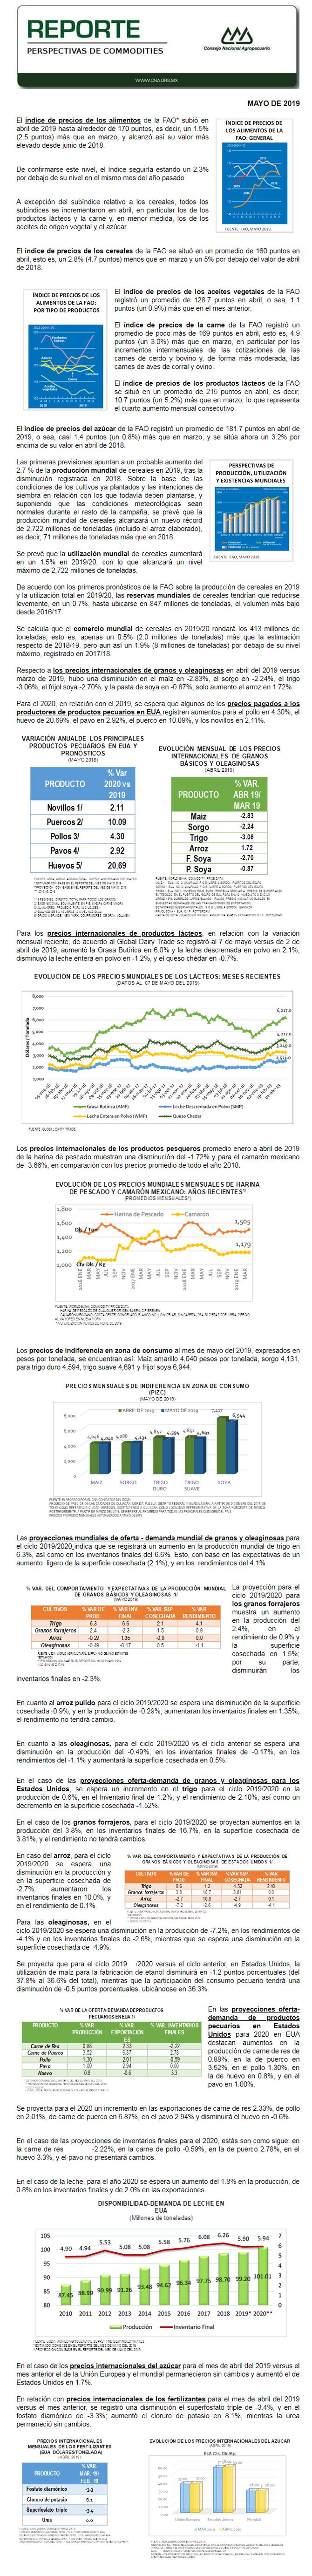 REPORTE DE PERSPECTIVAS DE COMMODITIES DE MAYO DEL 2019